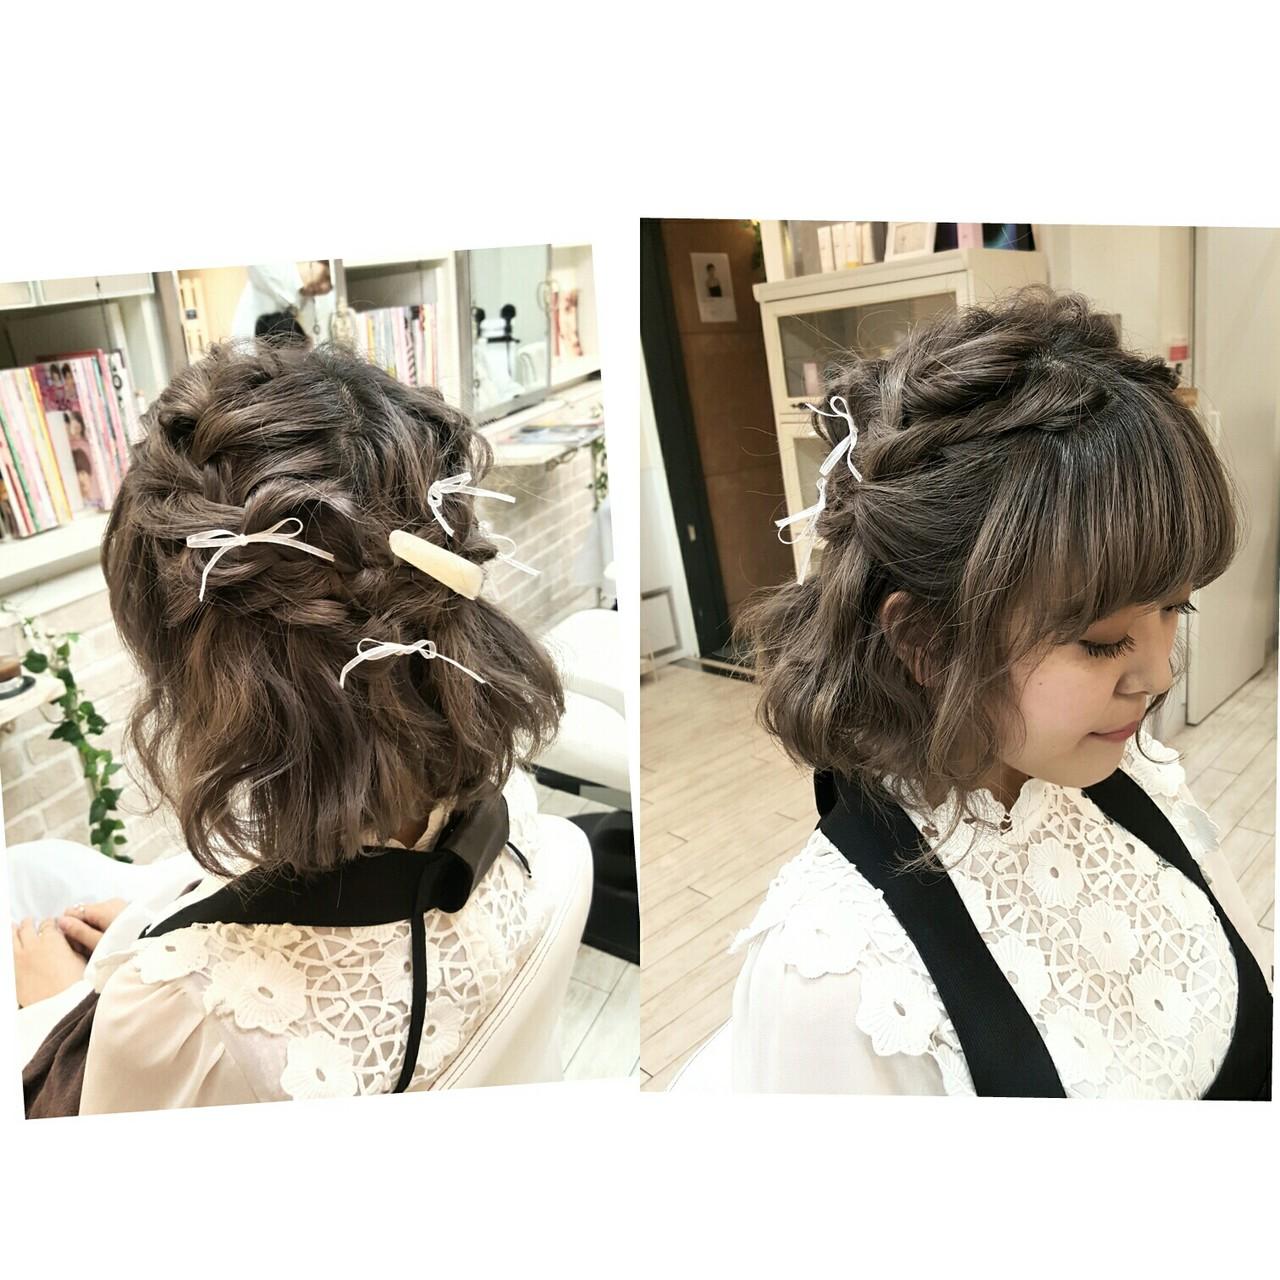 大人女子 ガーリー ヘアアレンジ ショート ヘアスタイルや髪型の写真・画像